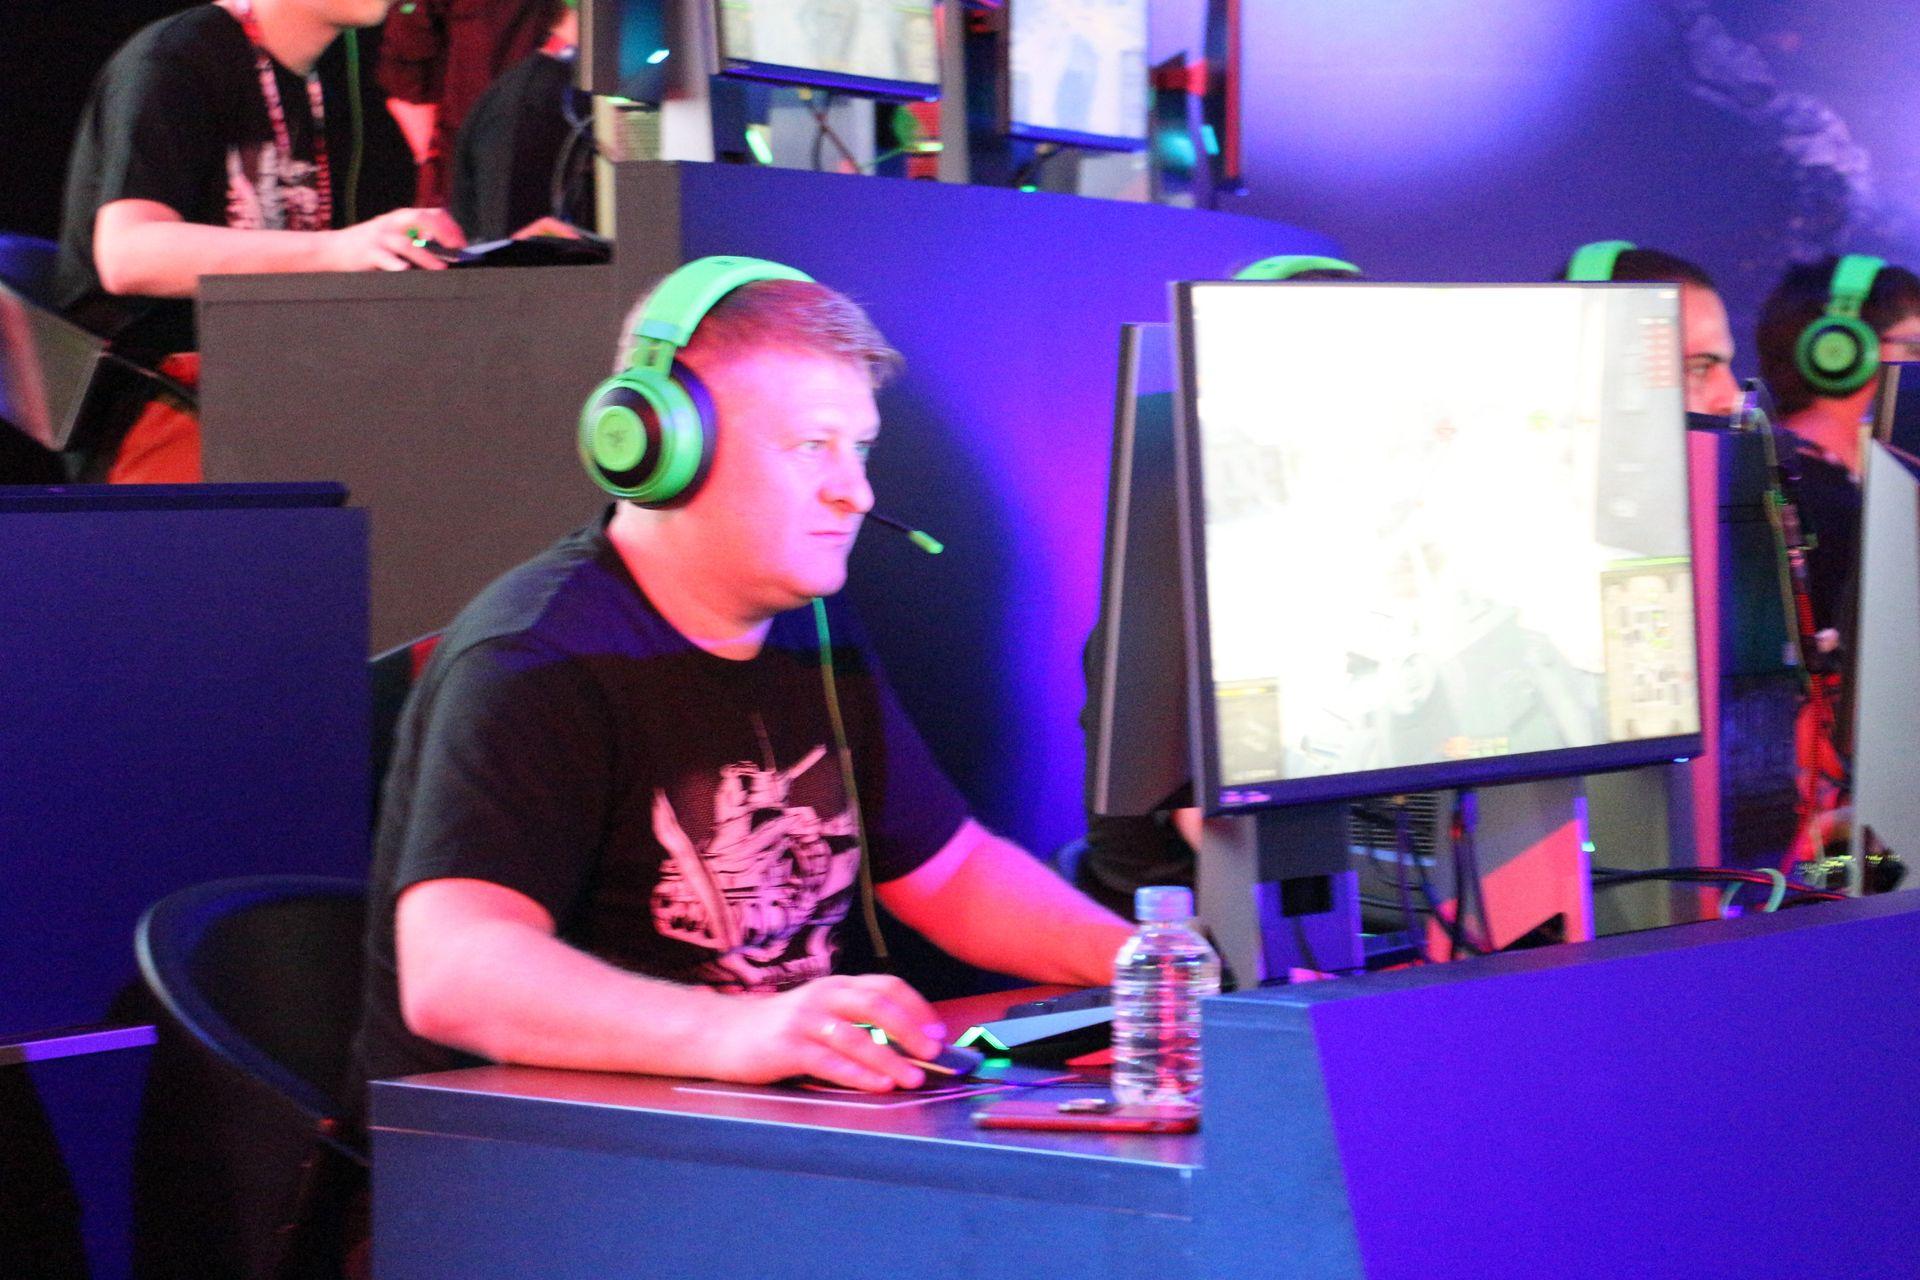 ゲーム好きを公言するKislyi氏。TGSの定番イベントである各種対抗戦では、Wargamingチームのリーダーとして出場している